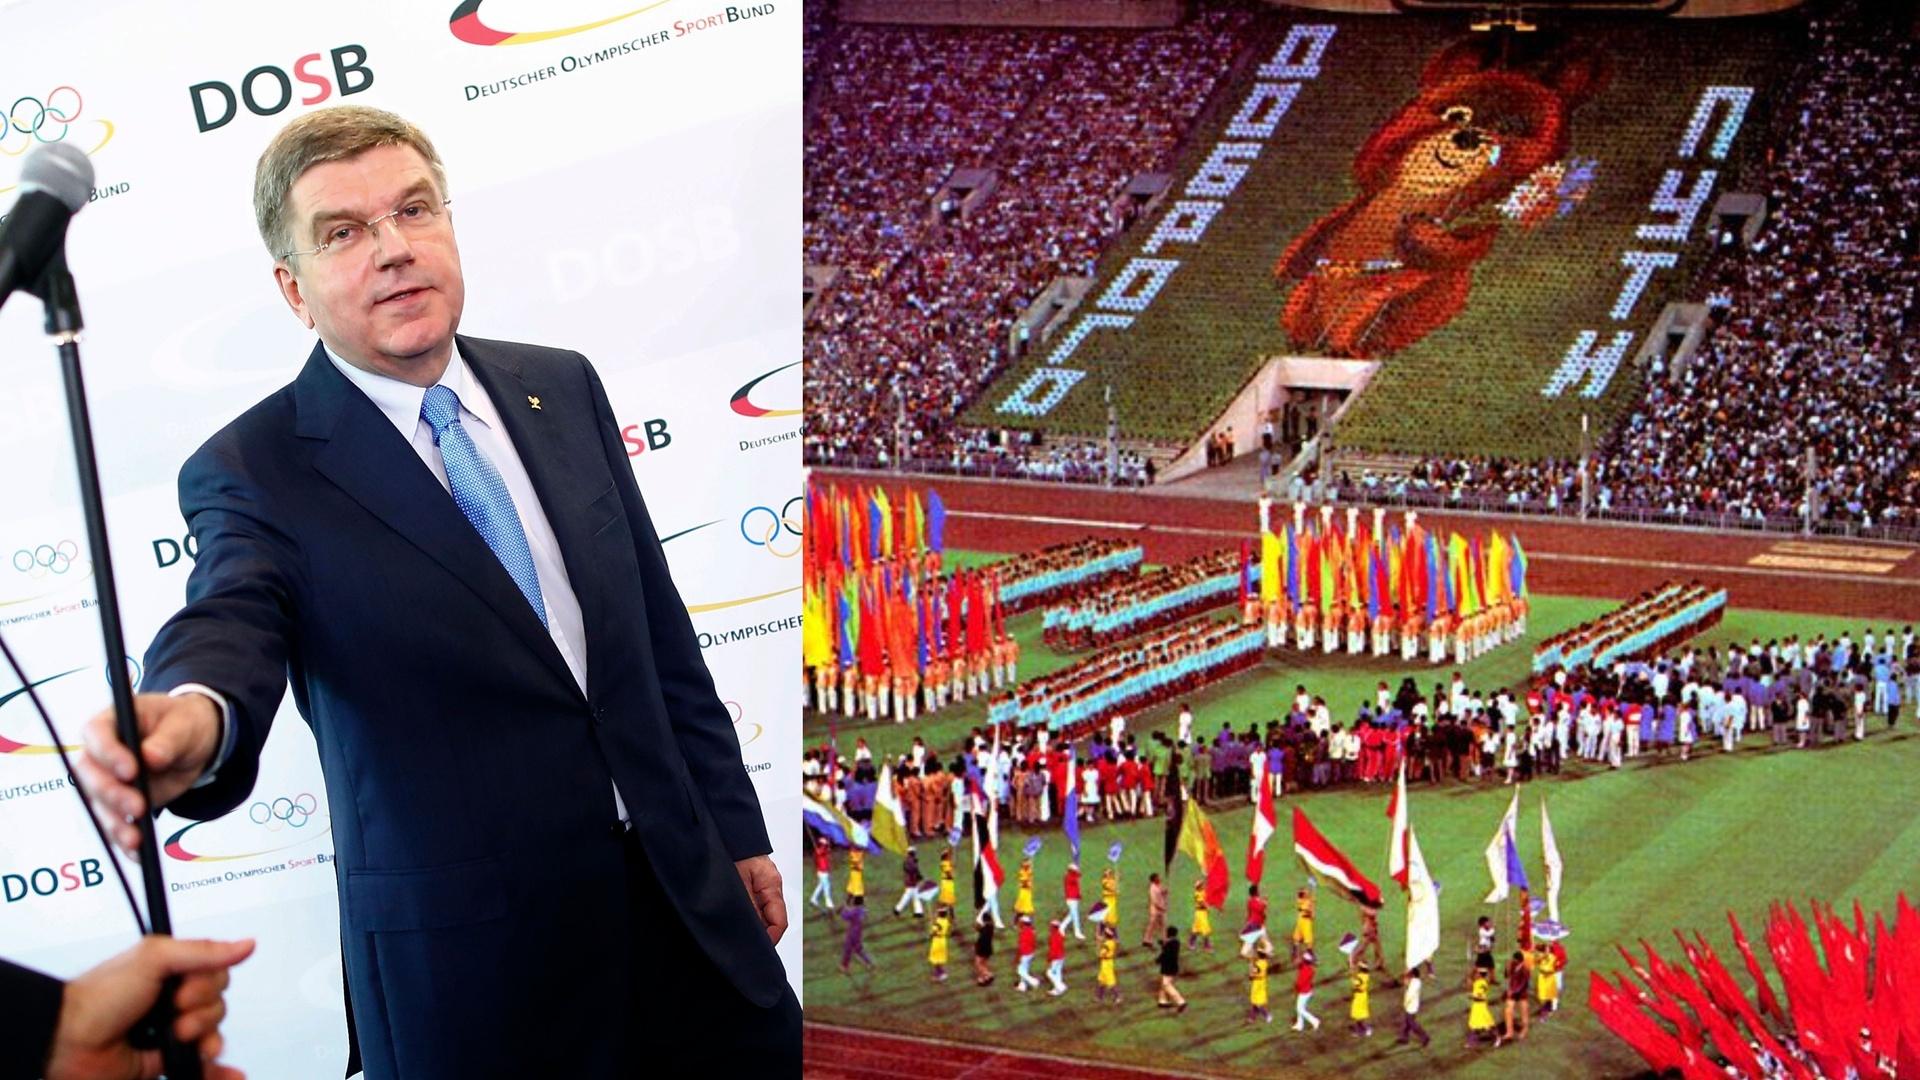 رئيس اللجنة الأولمبية الدولية: الكثيرون اعترفوا بأن مقاطعة أولمبياد موسكو 1980 كانت خطأ